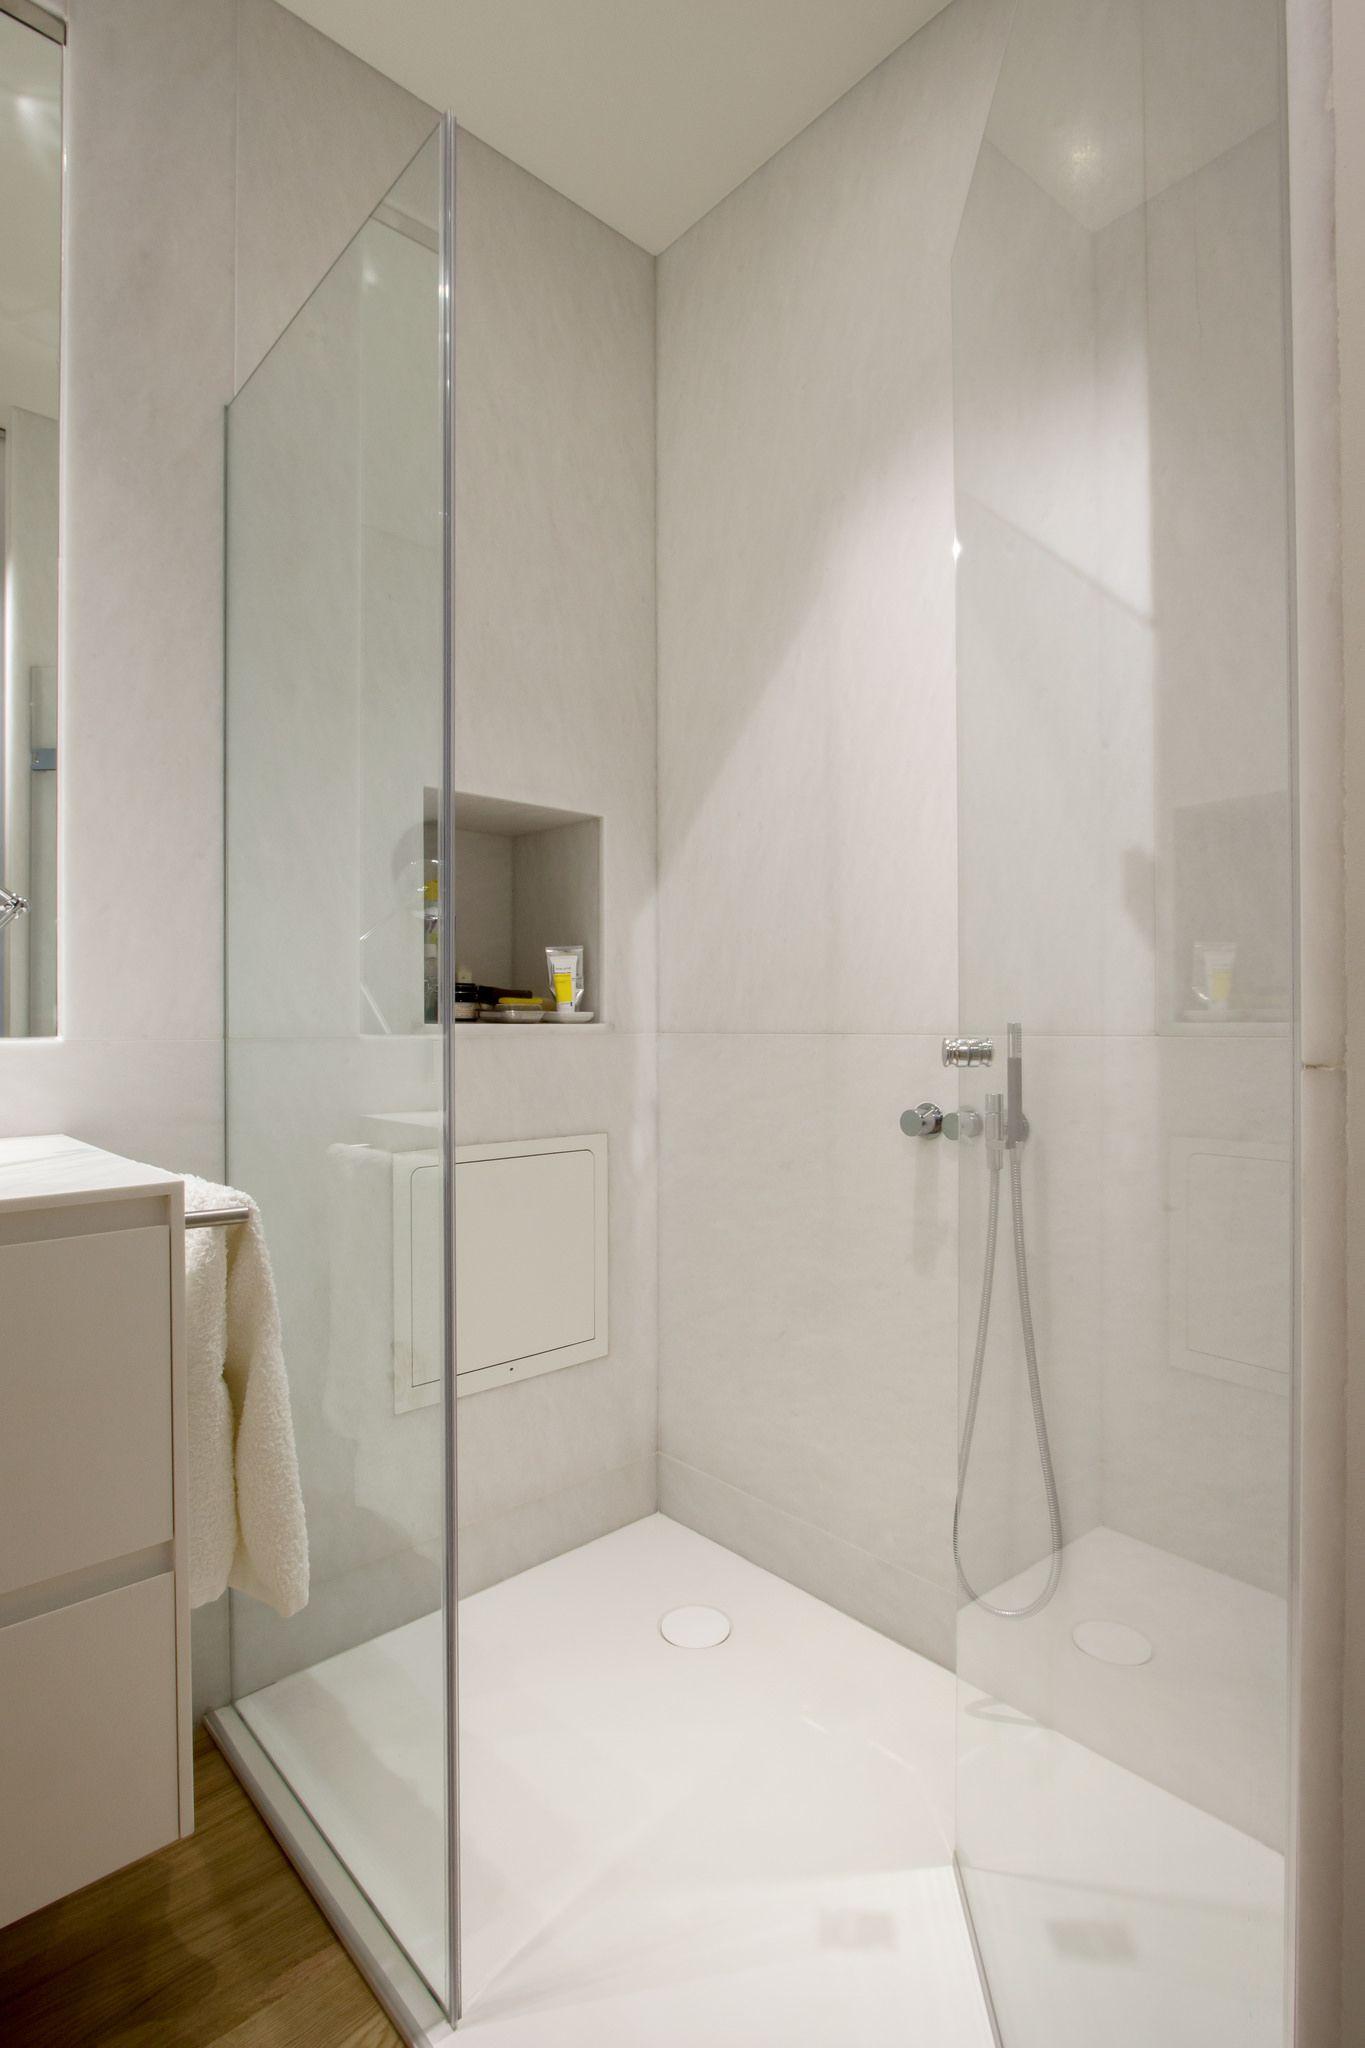 04-Mueble baño   Platos de ducha, Muebles de baño, Cuarto ...